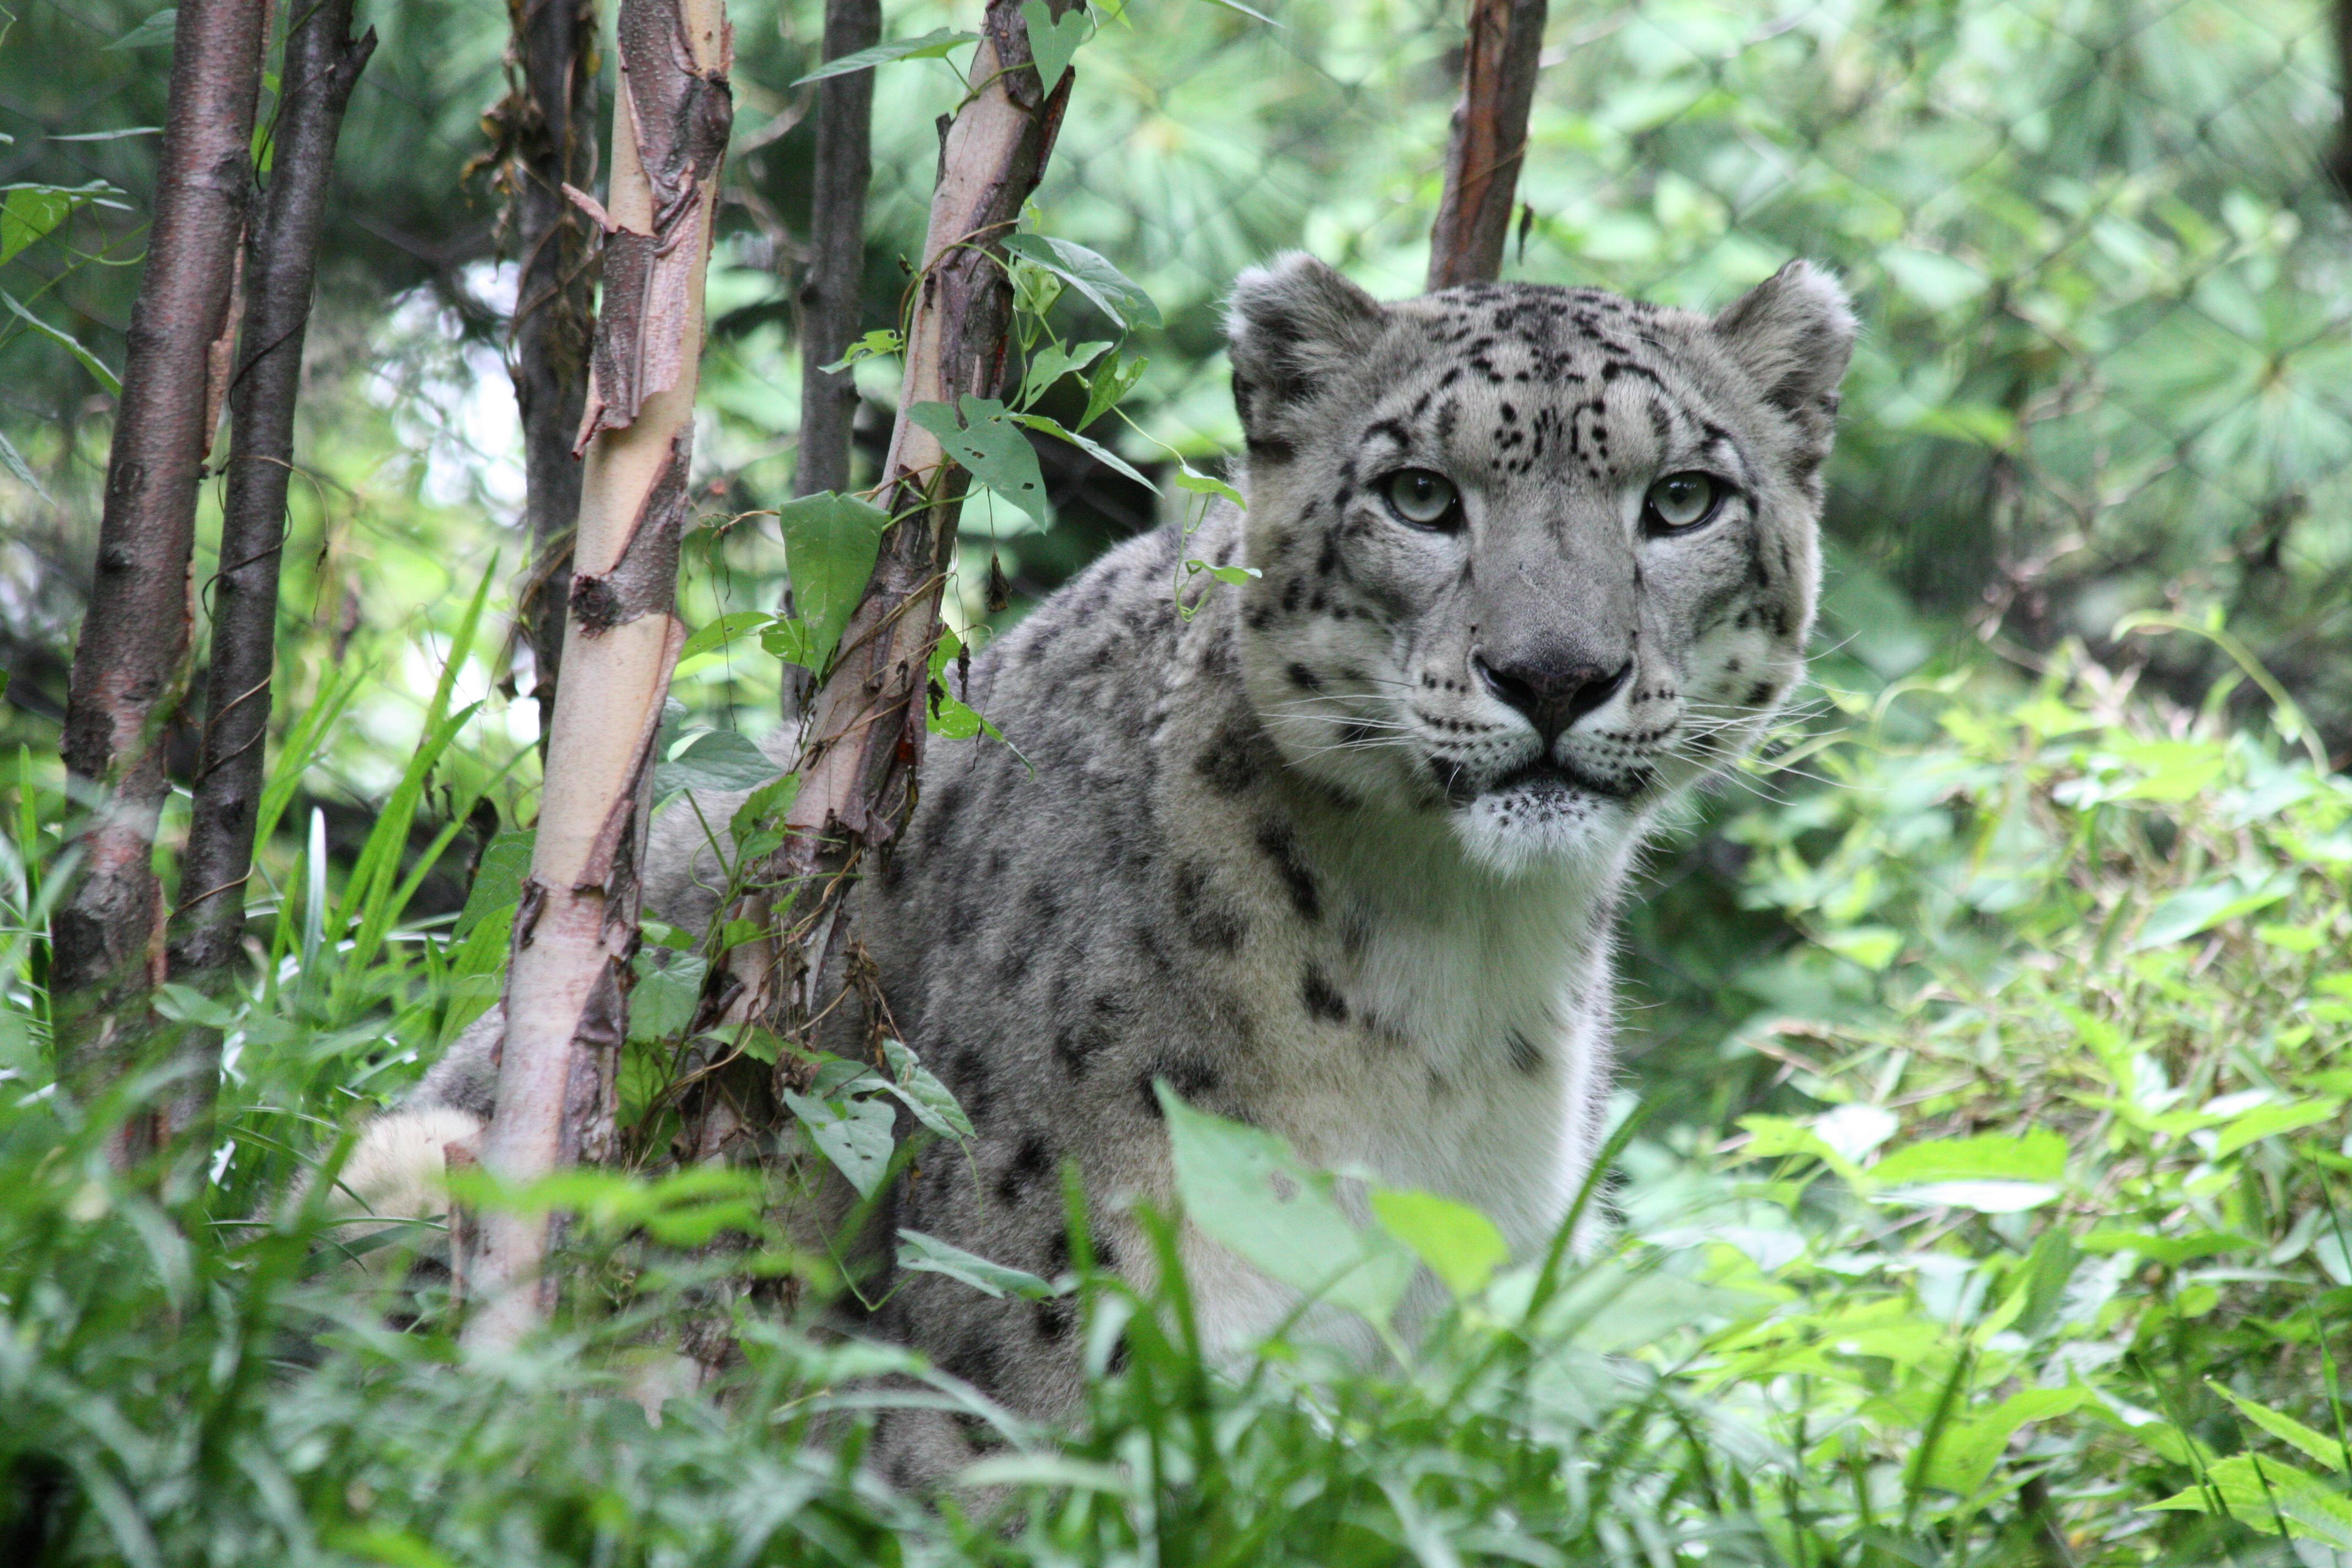 137383 Hintergrundbild herunterladen Schneeleopard, Tiere, Raubtier, Predator, Große Katze, Big Cat - Bildschirmschoner und Bilder kostenlos